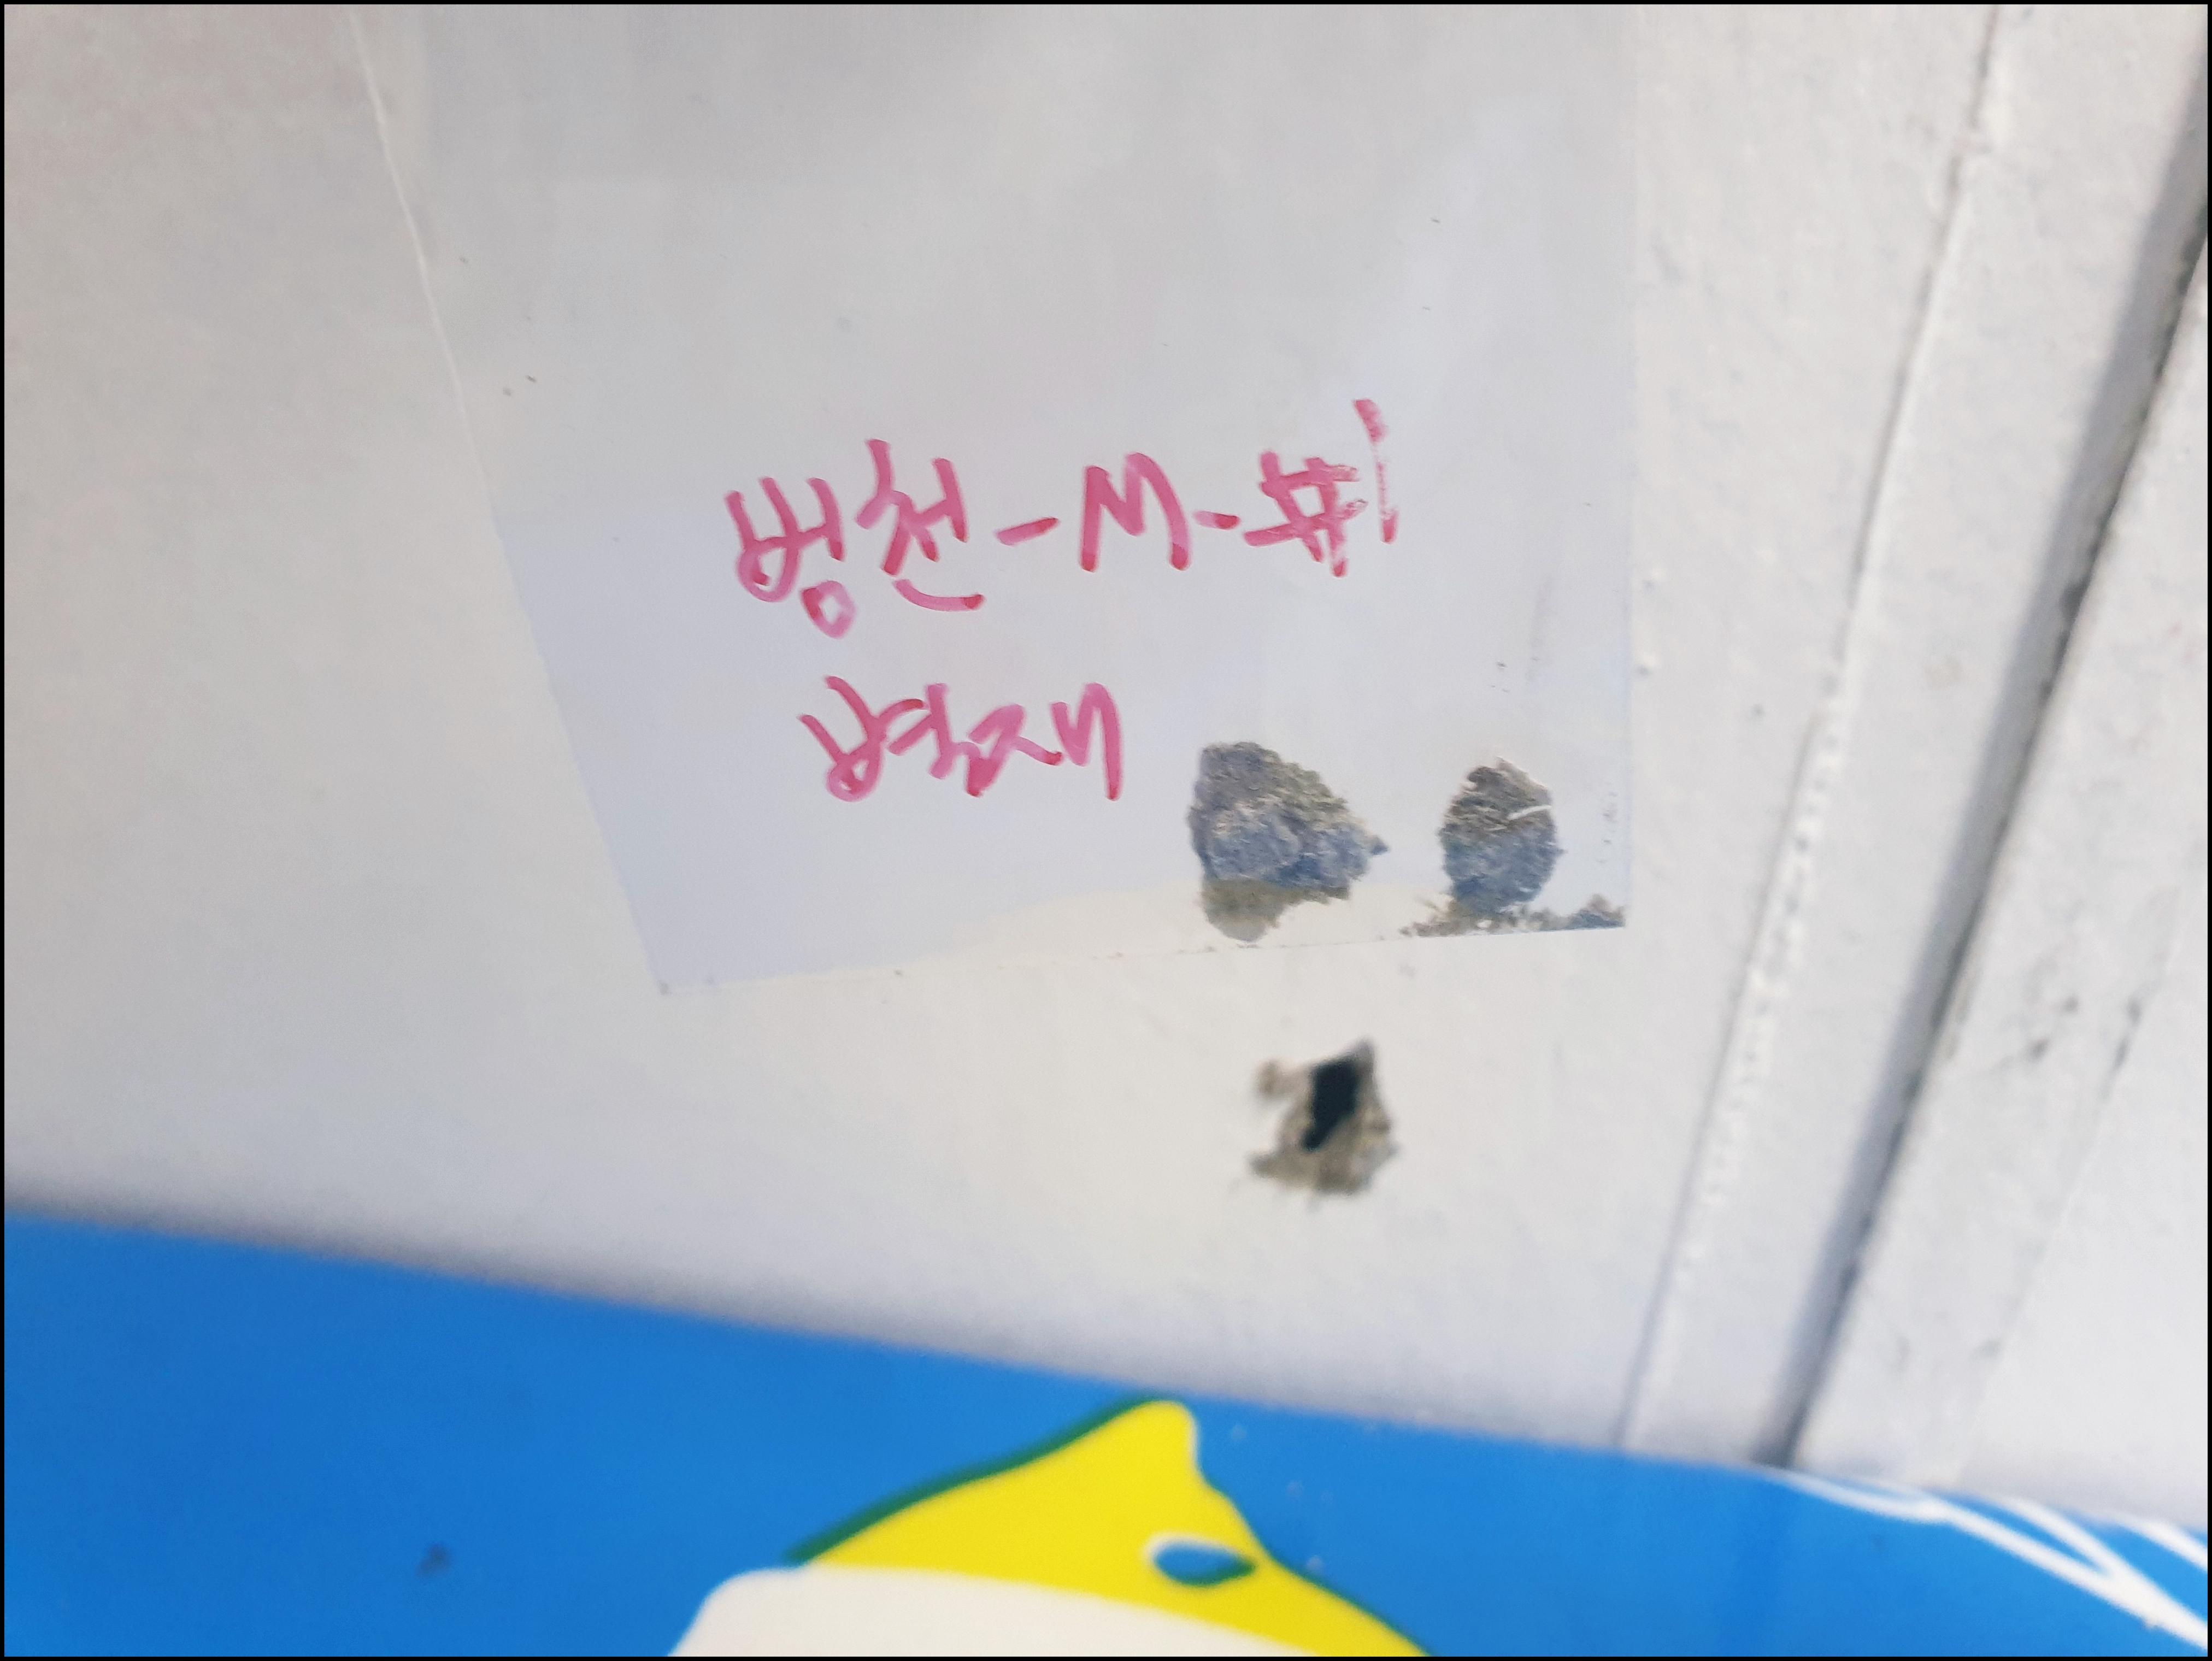 6 번째 사진 제2종 근린생활시설 에  연면적 ㎡ 일반 사무실 건물 석면조사 현장